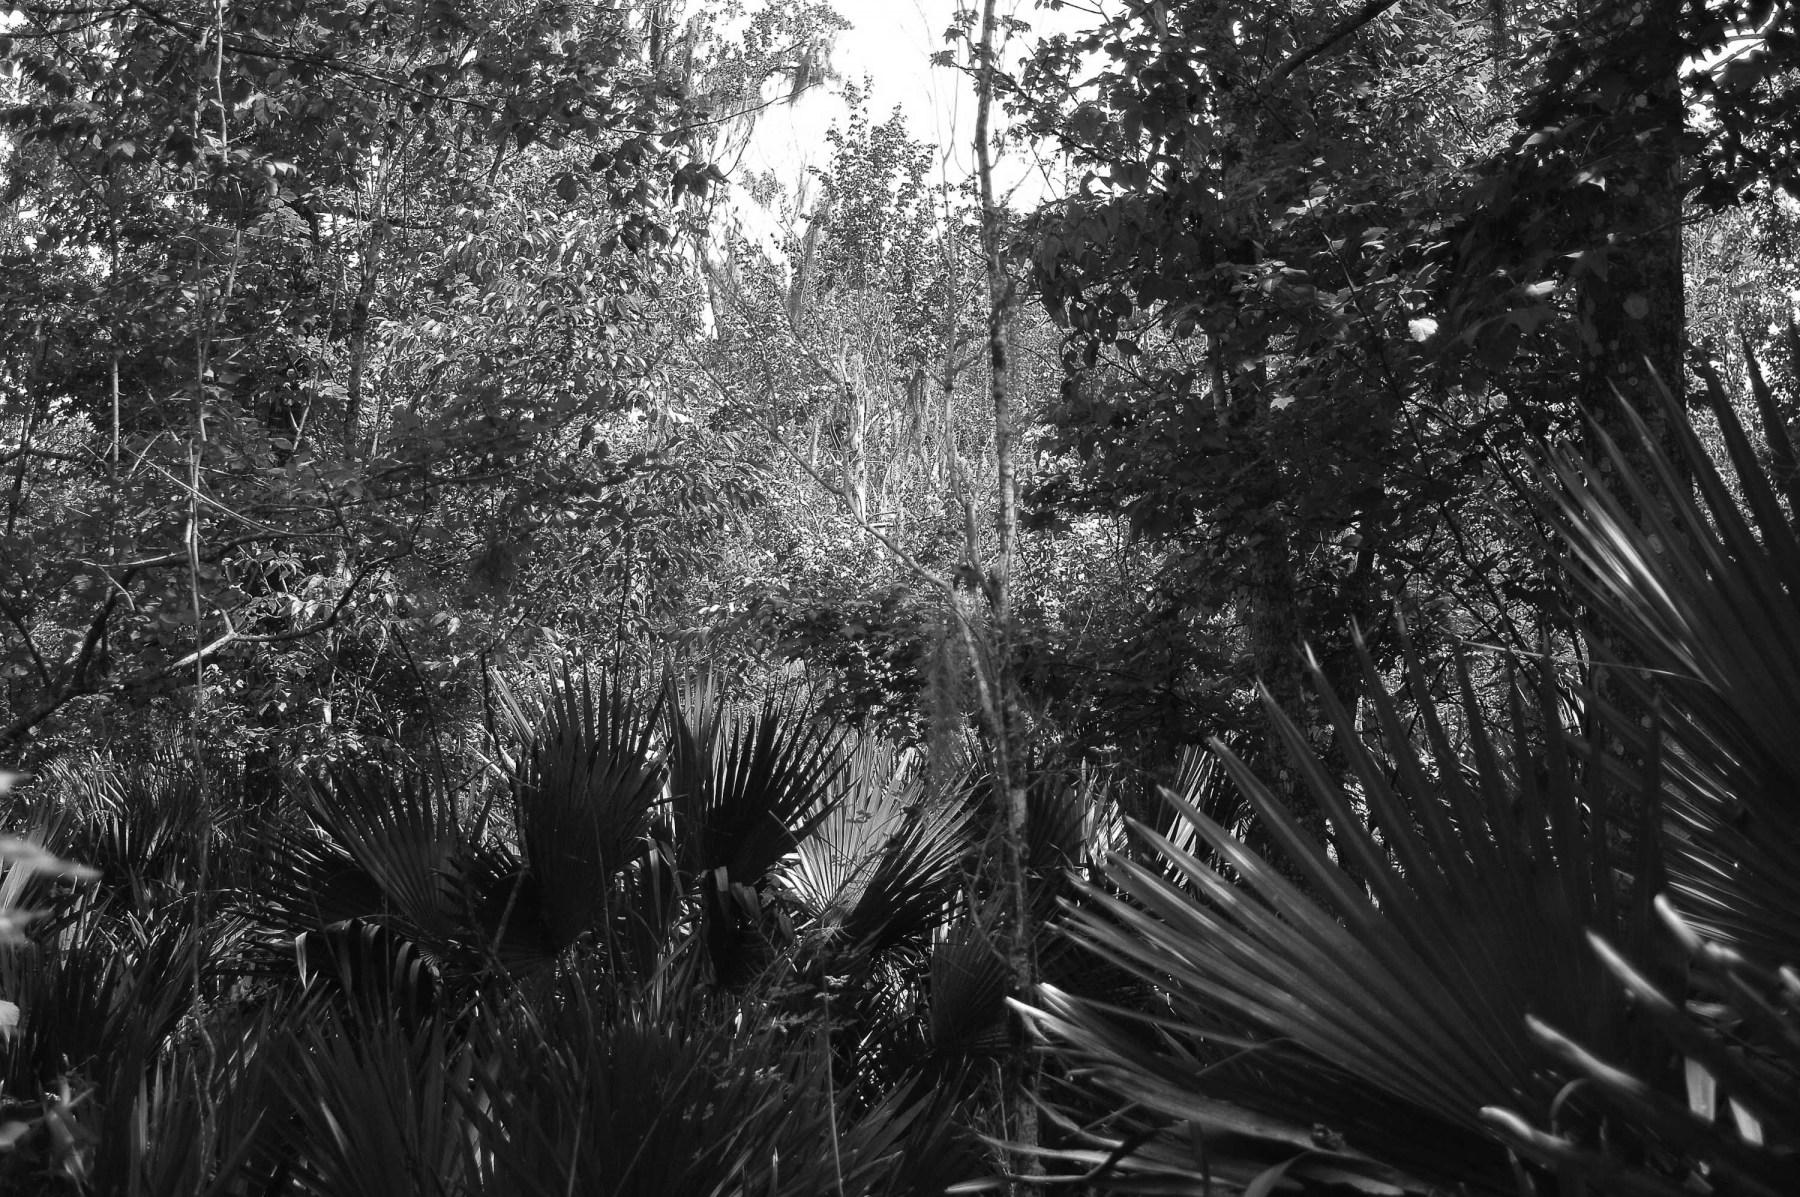 Landscape-1-2008-2020-16